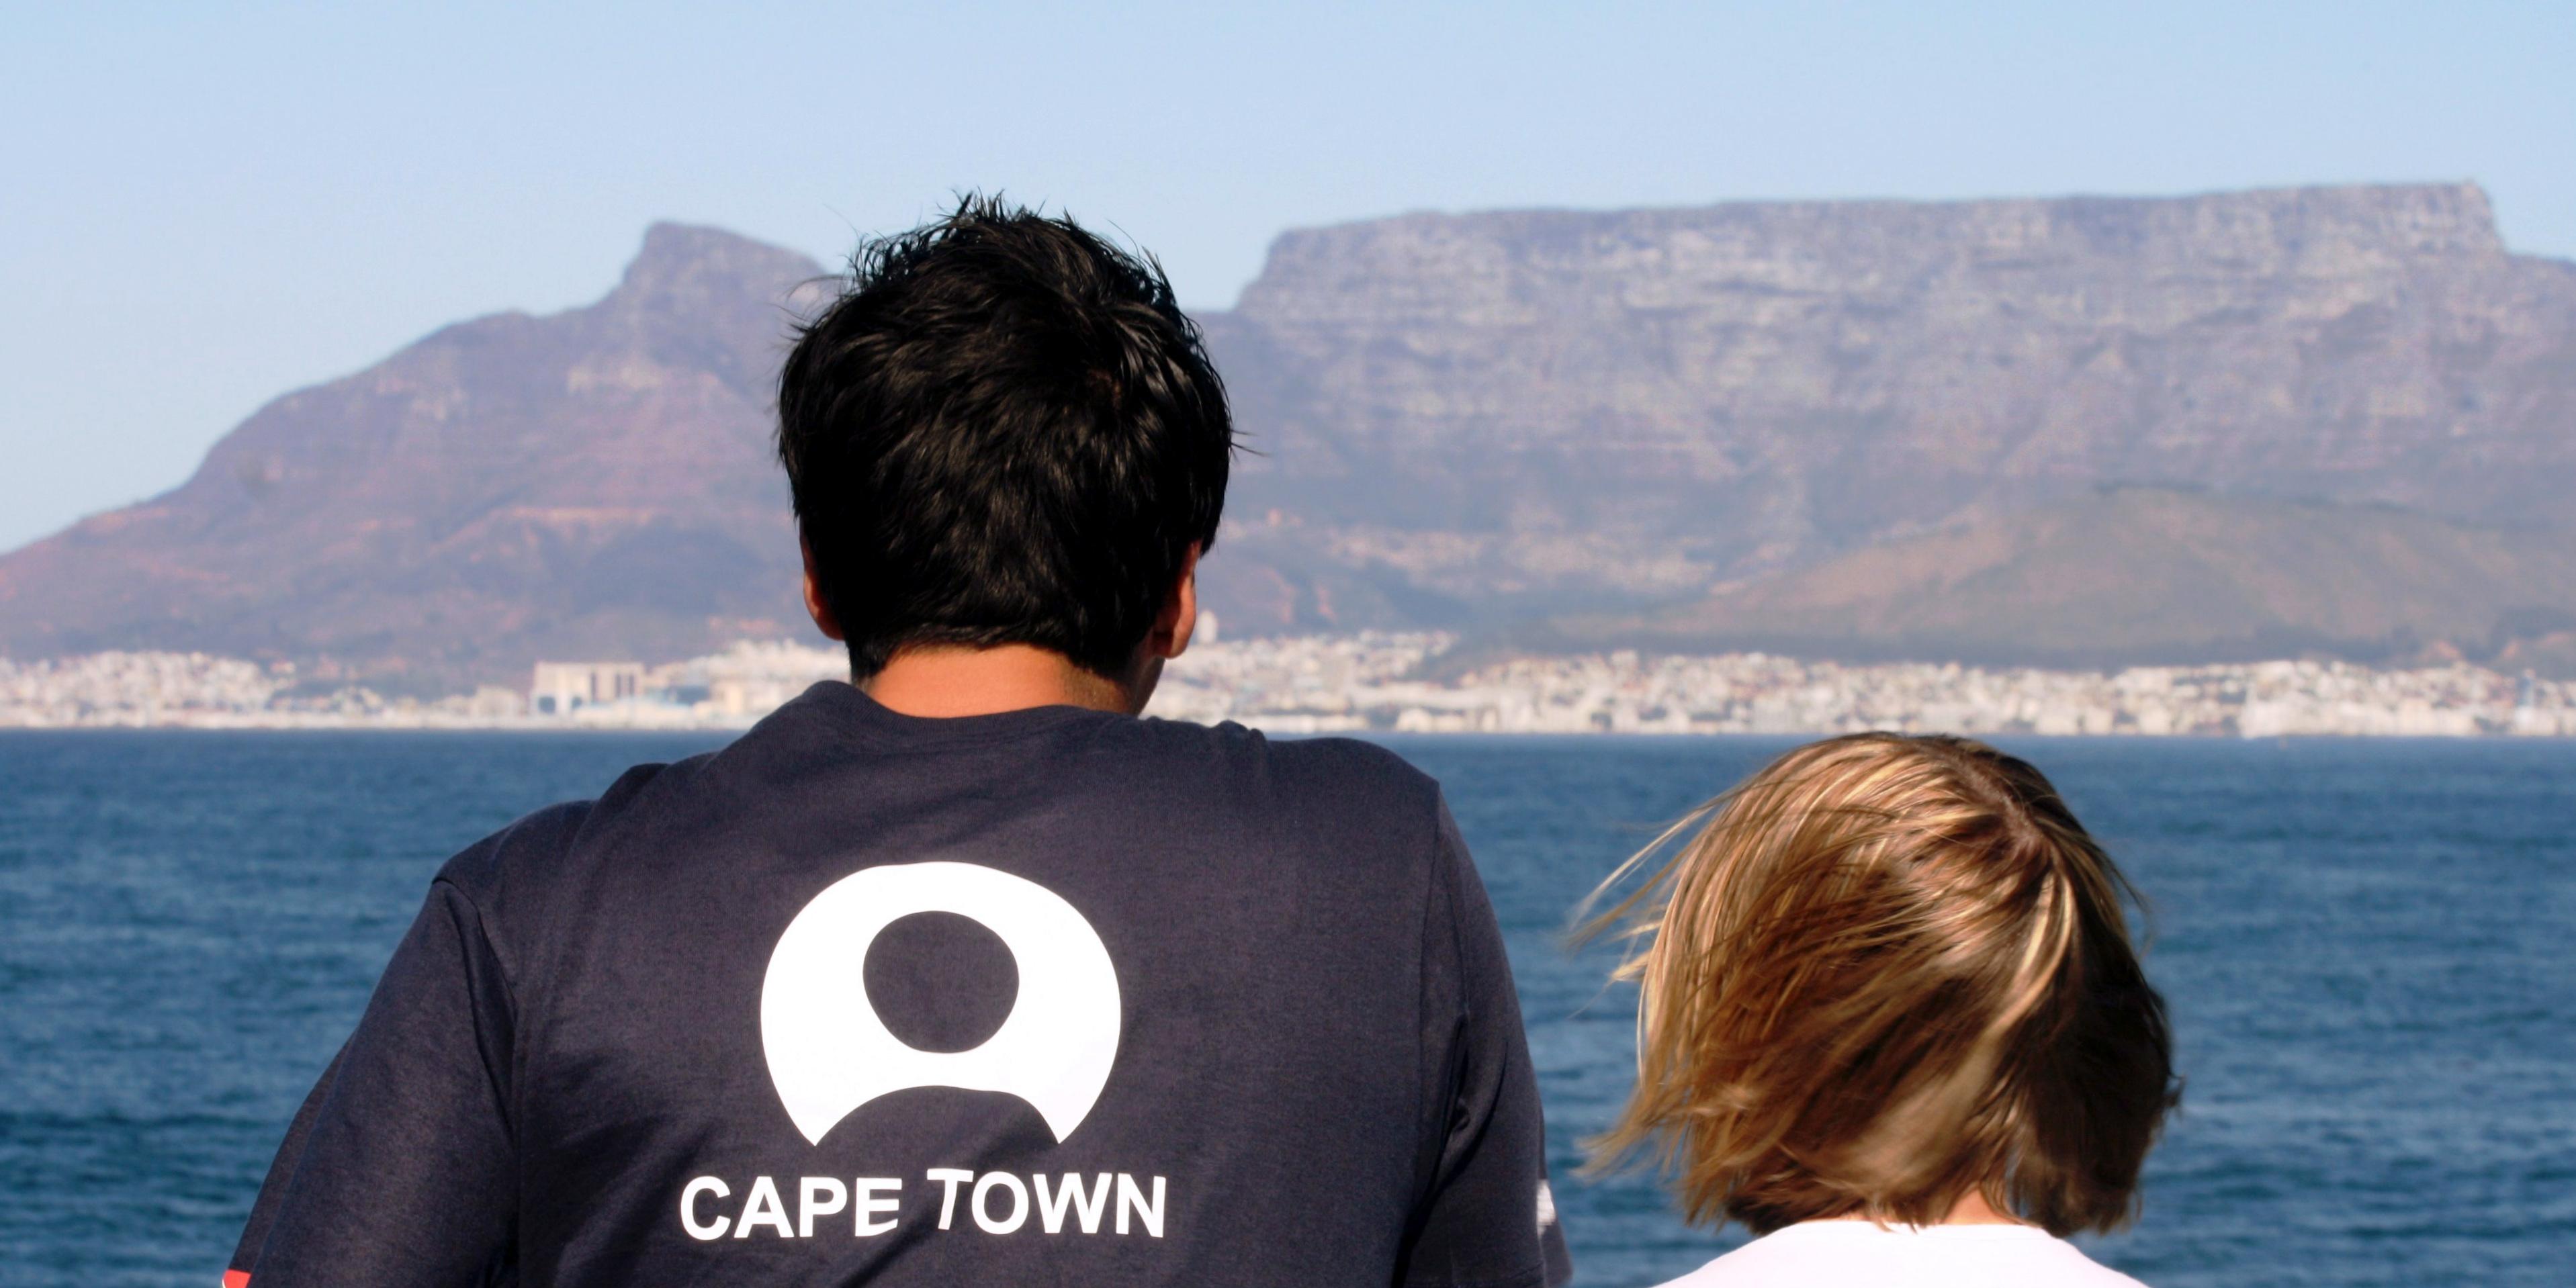 volunteer in cape town